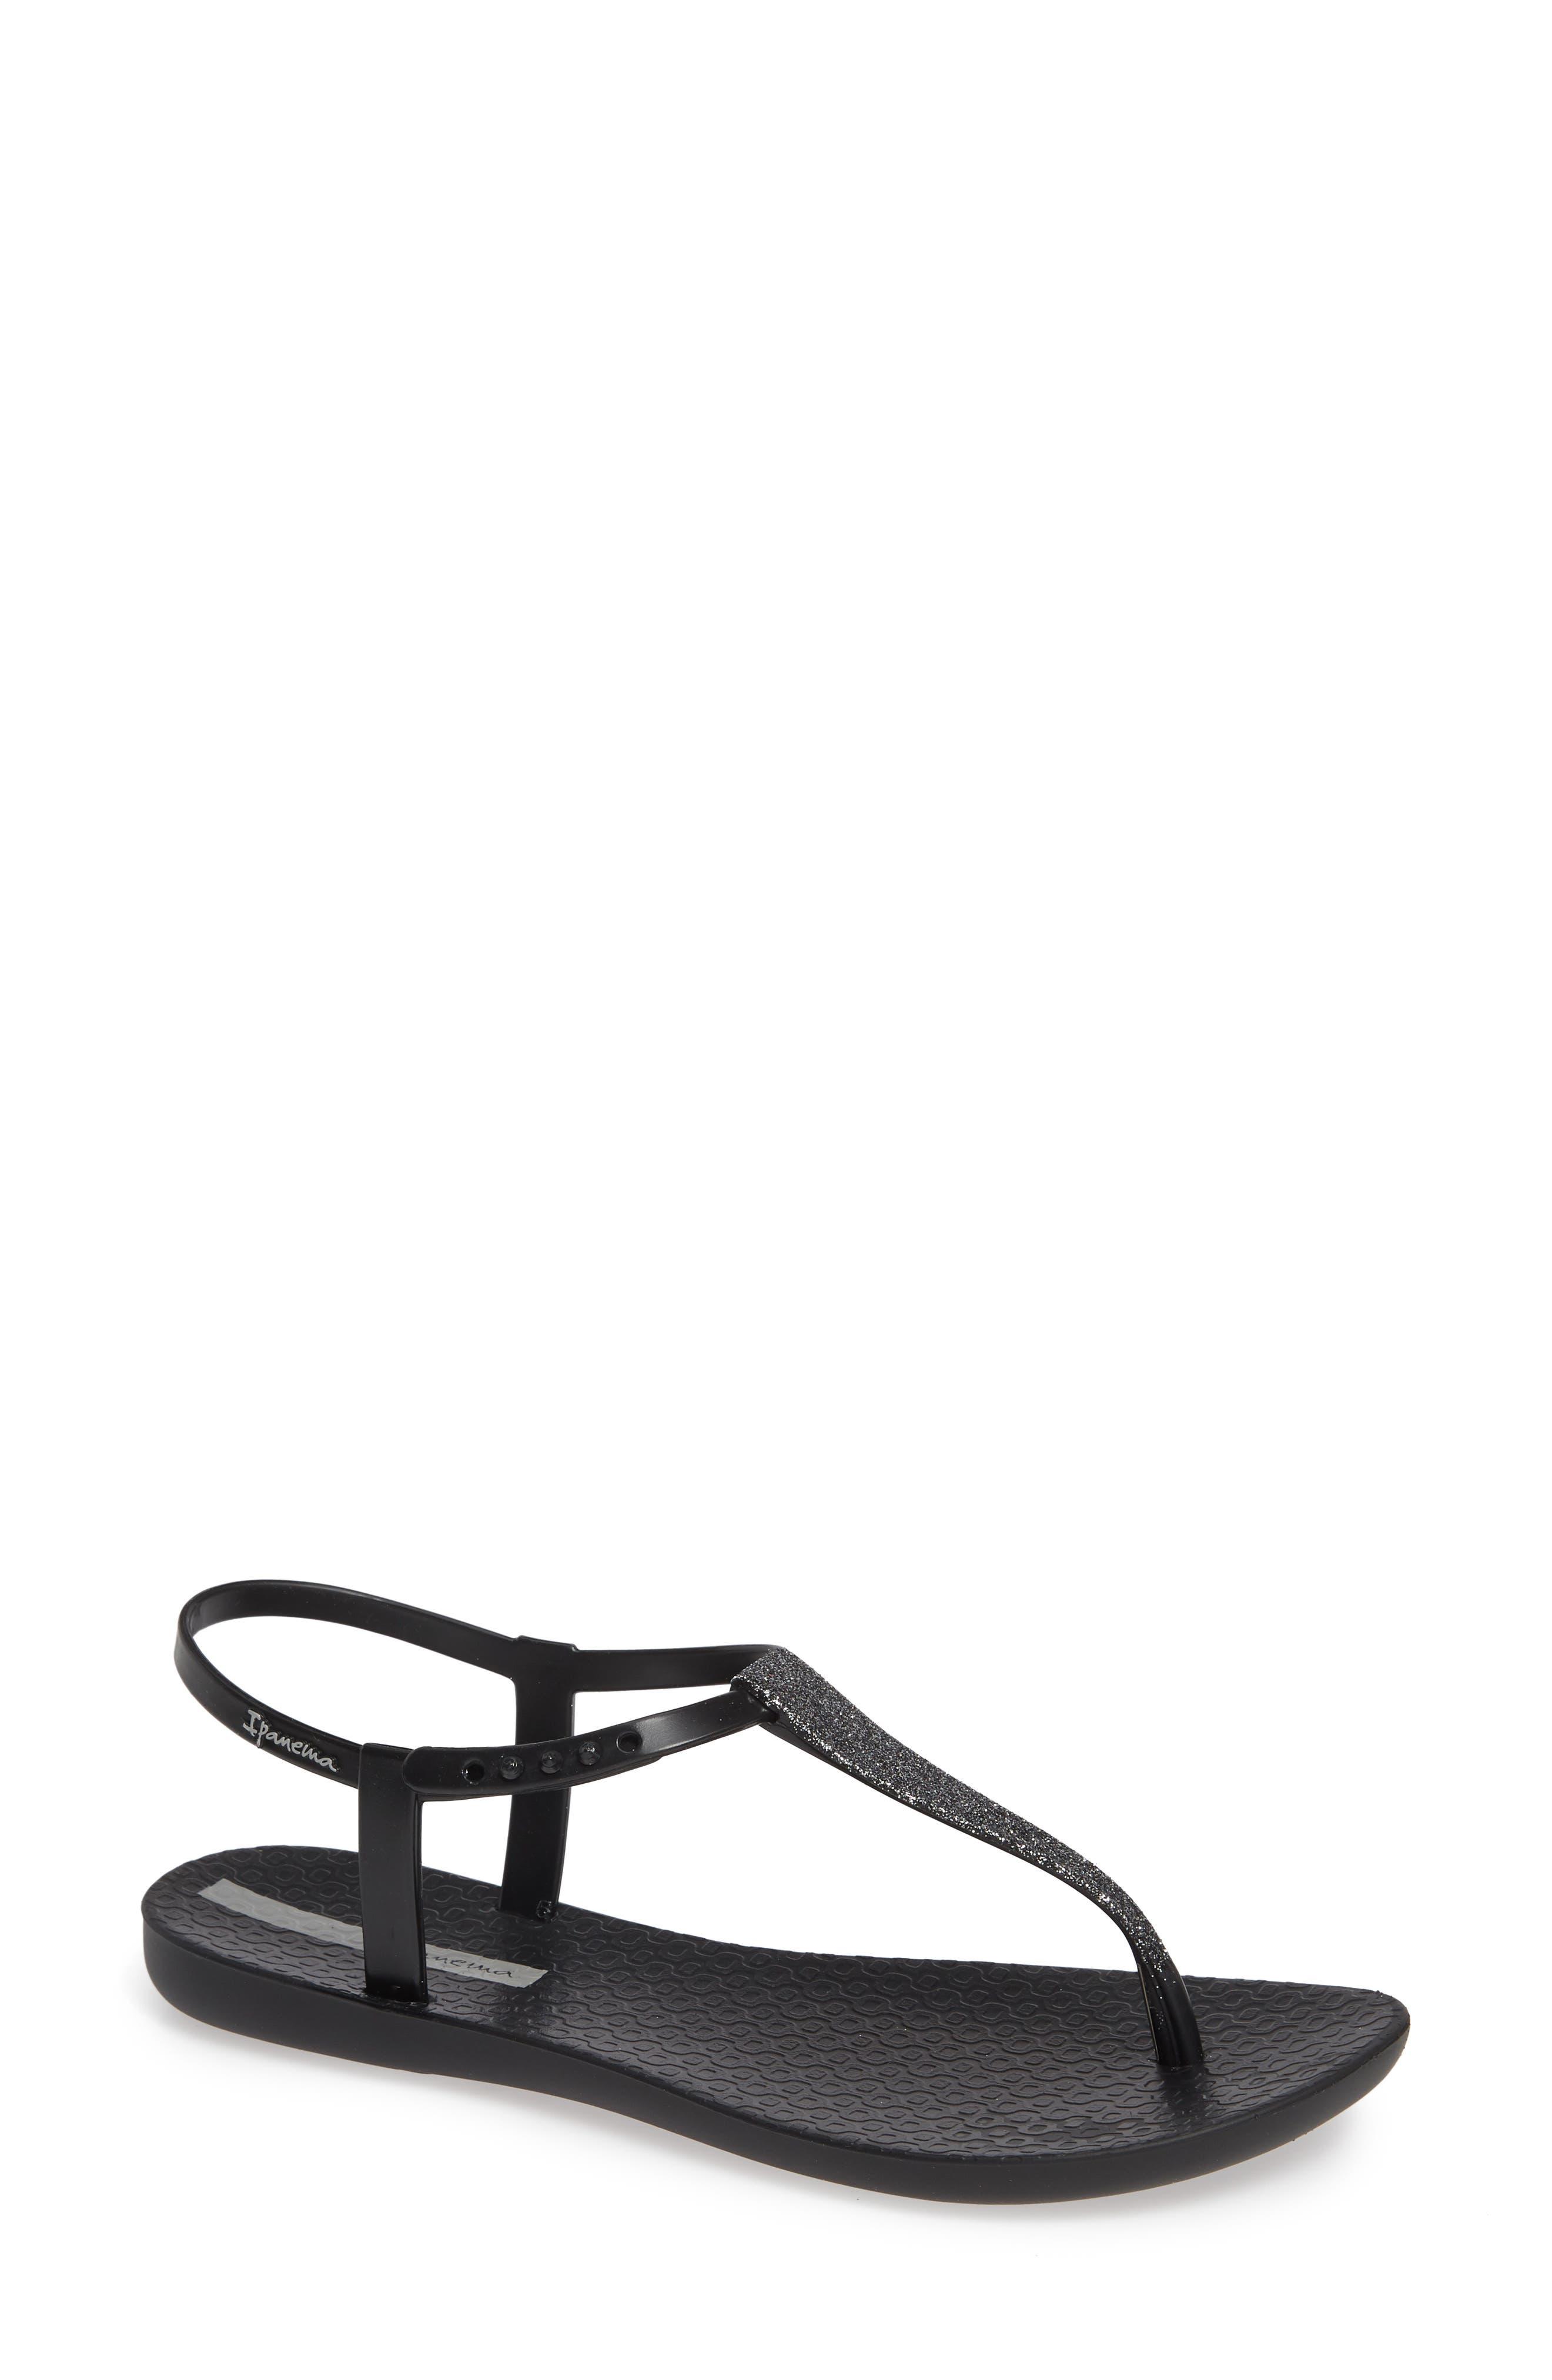 IPANEMA, Shimmer Sandal, Main thumbnail 1, color, BLACK/ SILVER